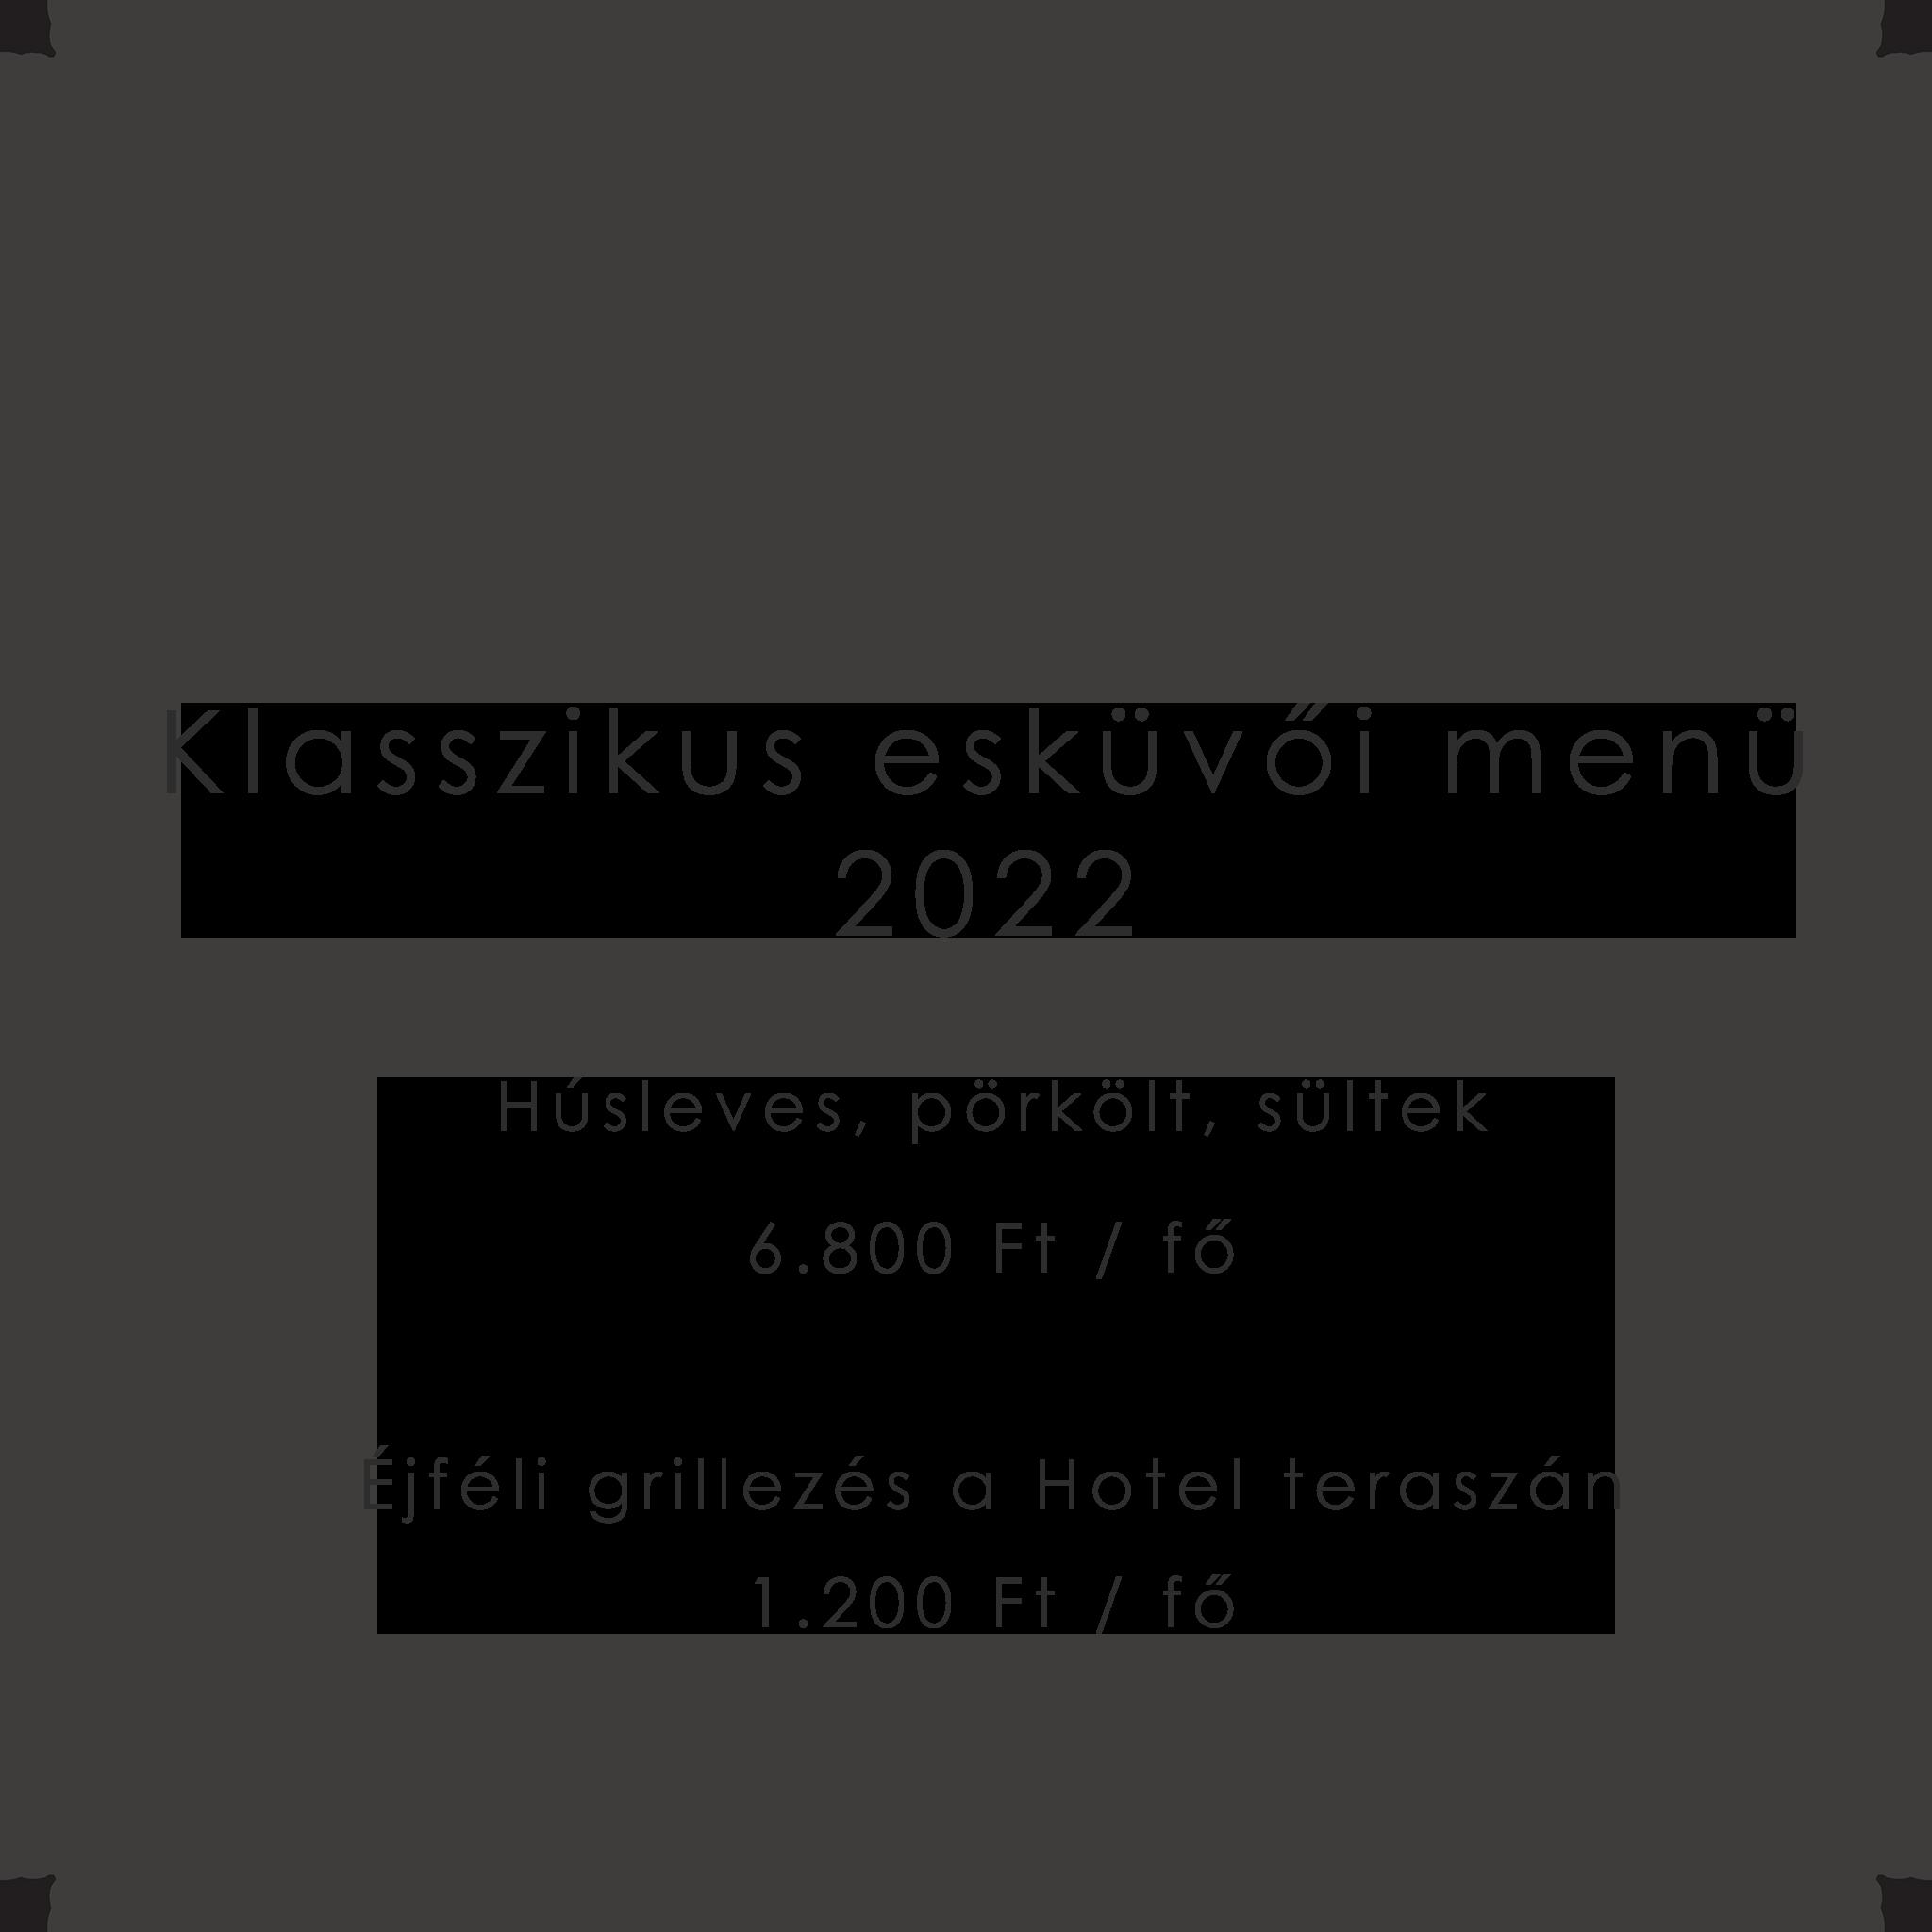 Esküvői menü 2022